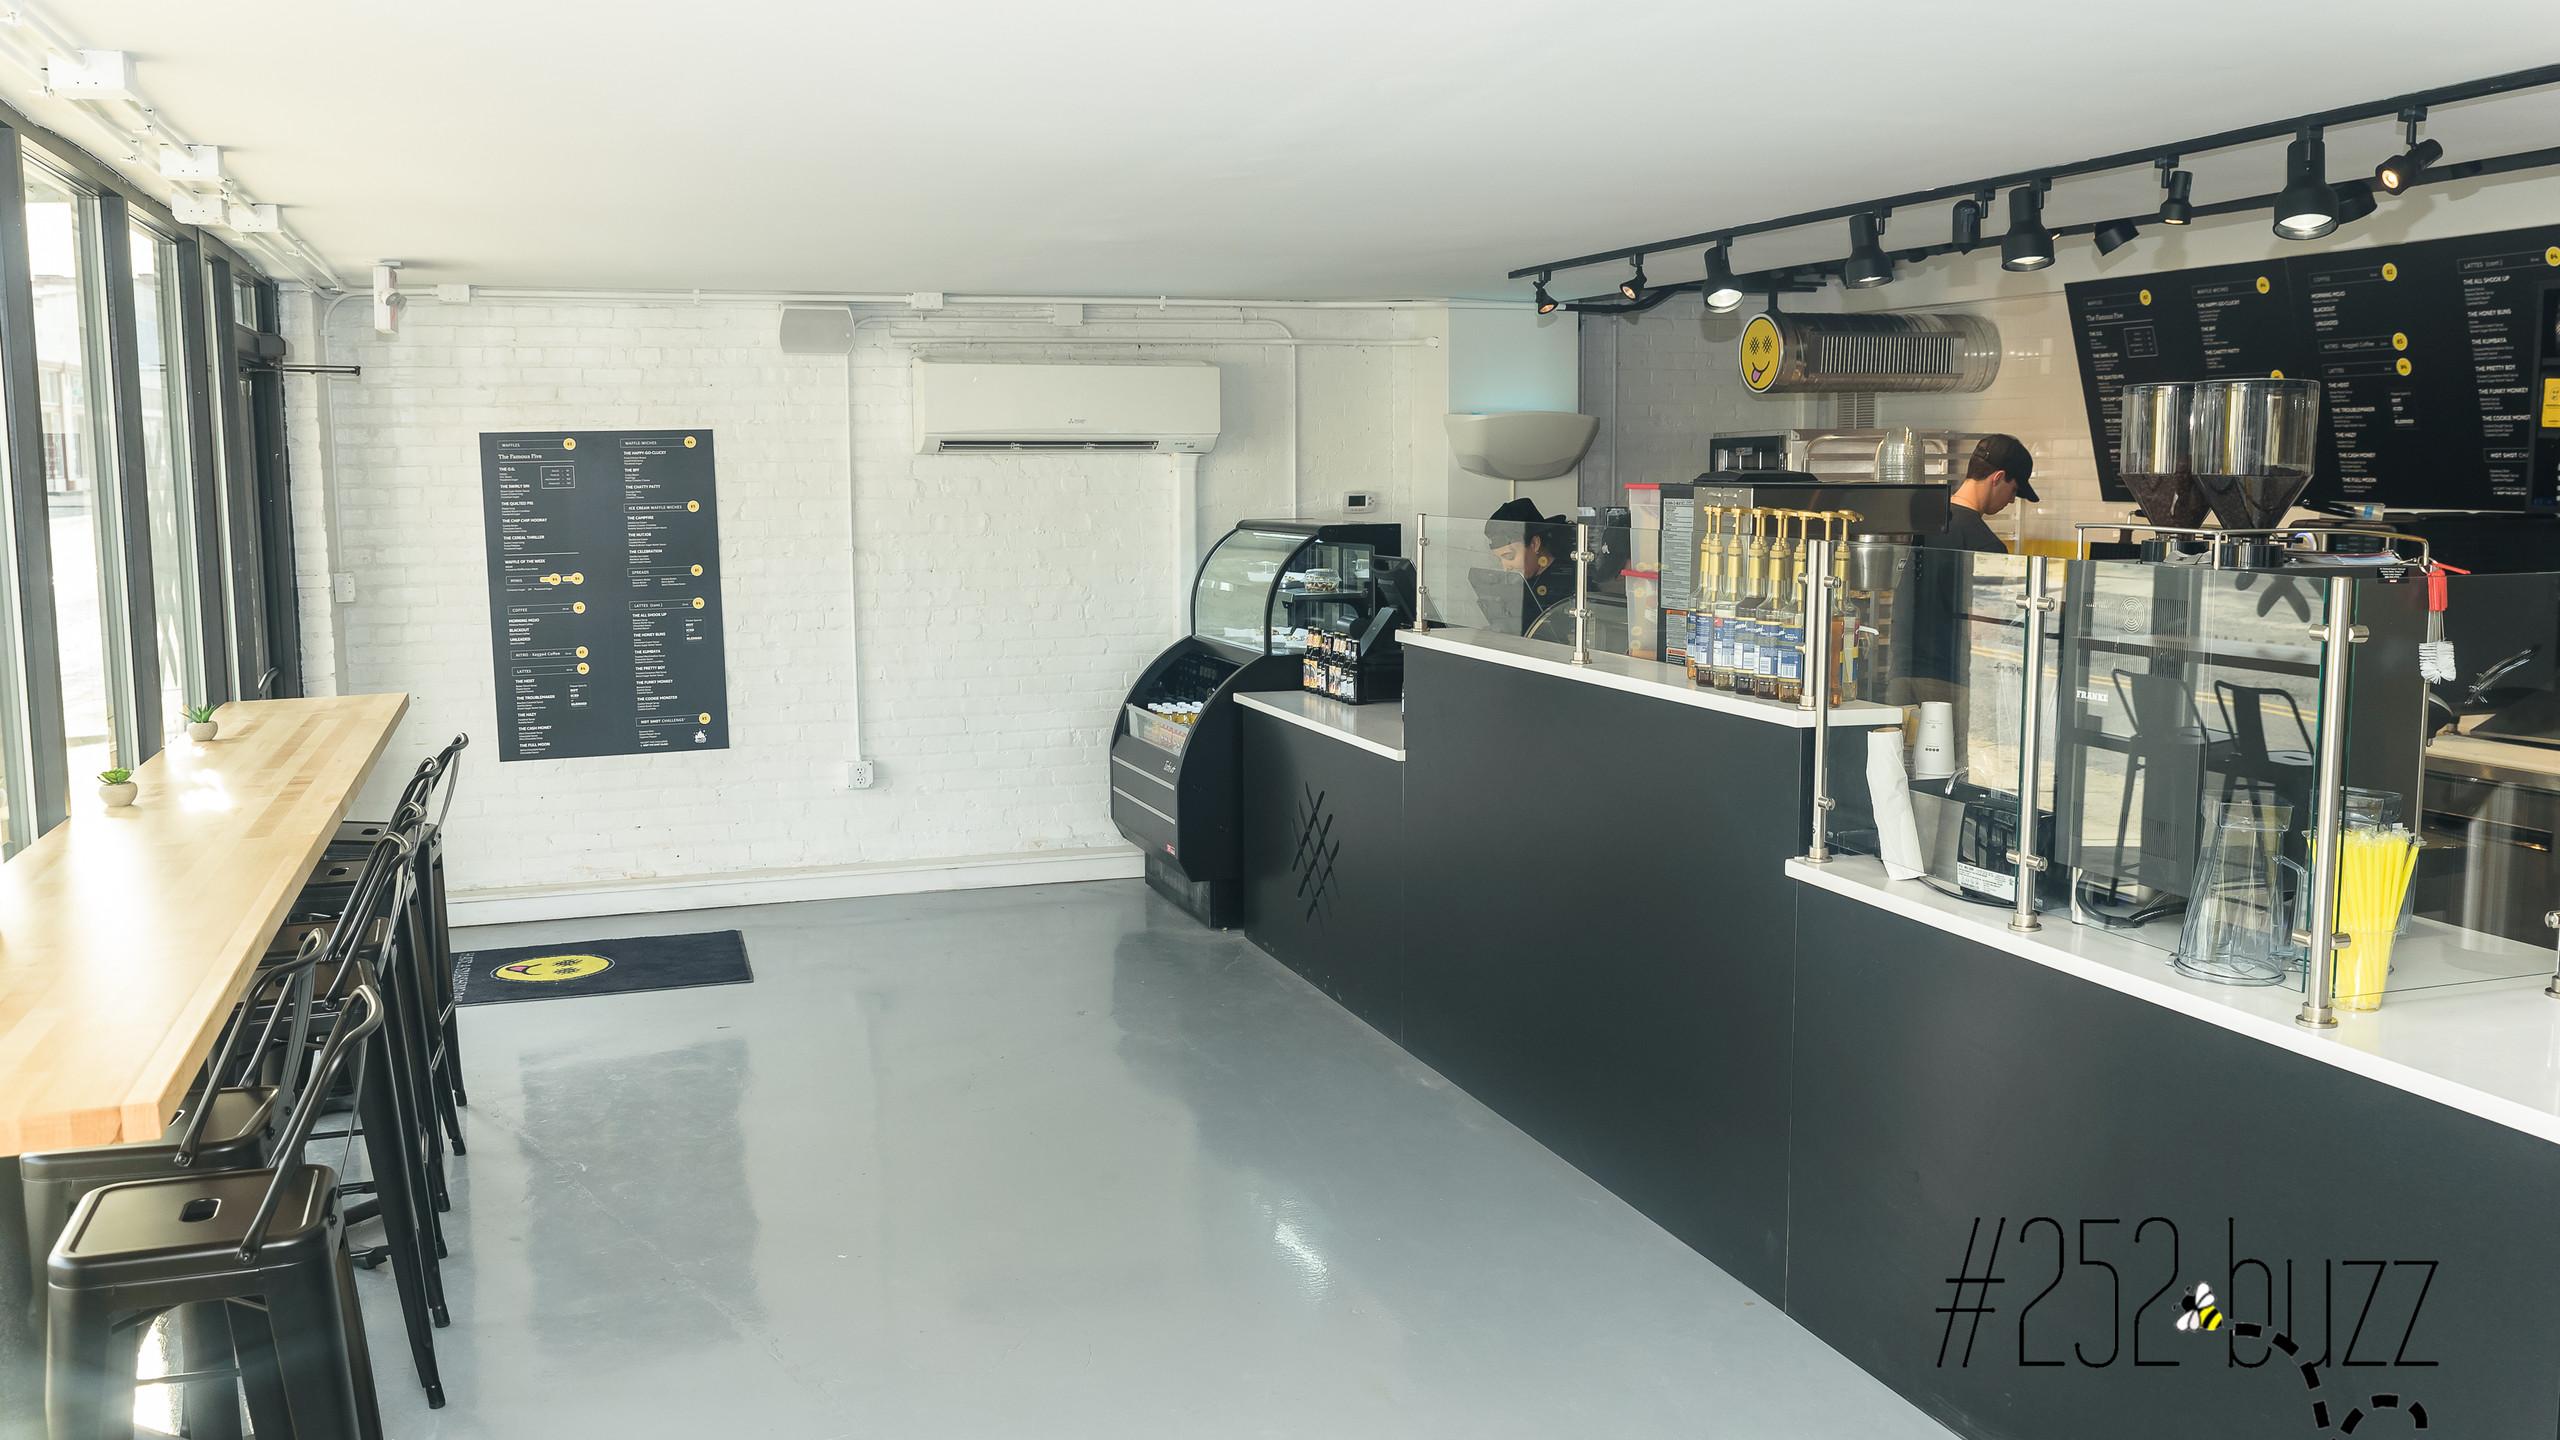 Smash Cafe interior